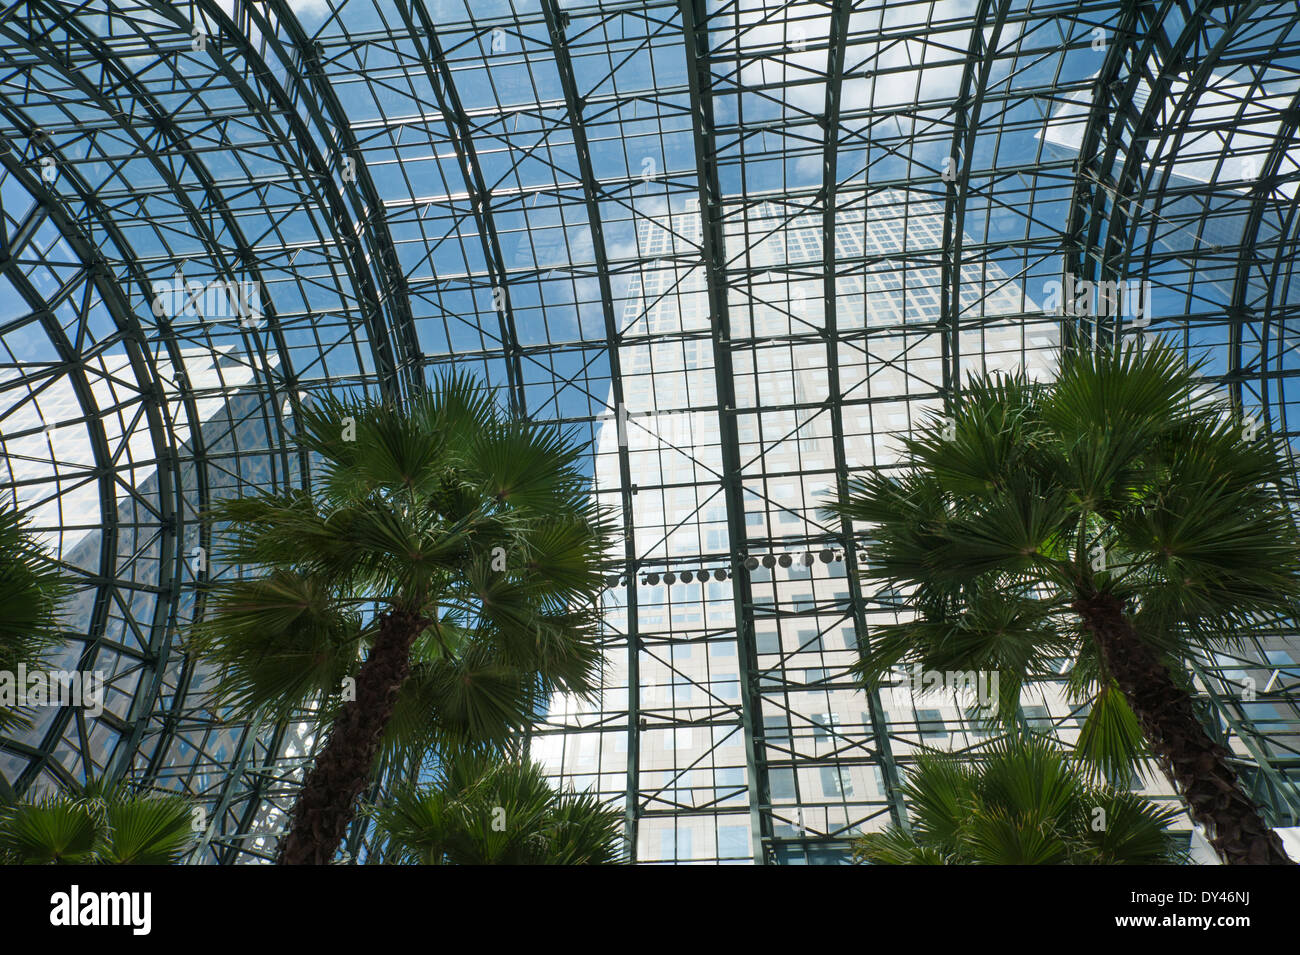 Giardino D Inverno In Vetro il soffitto in vetro e le palme del giardino d'inverno al